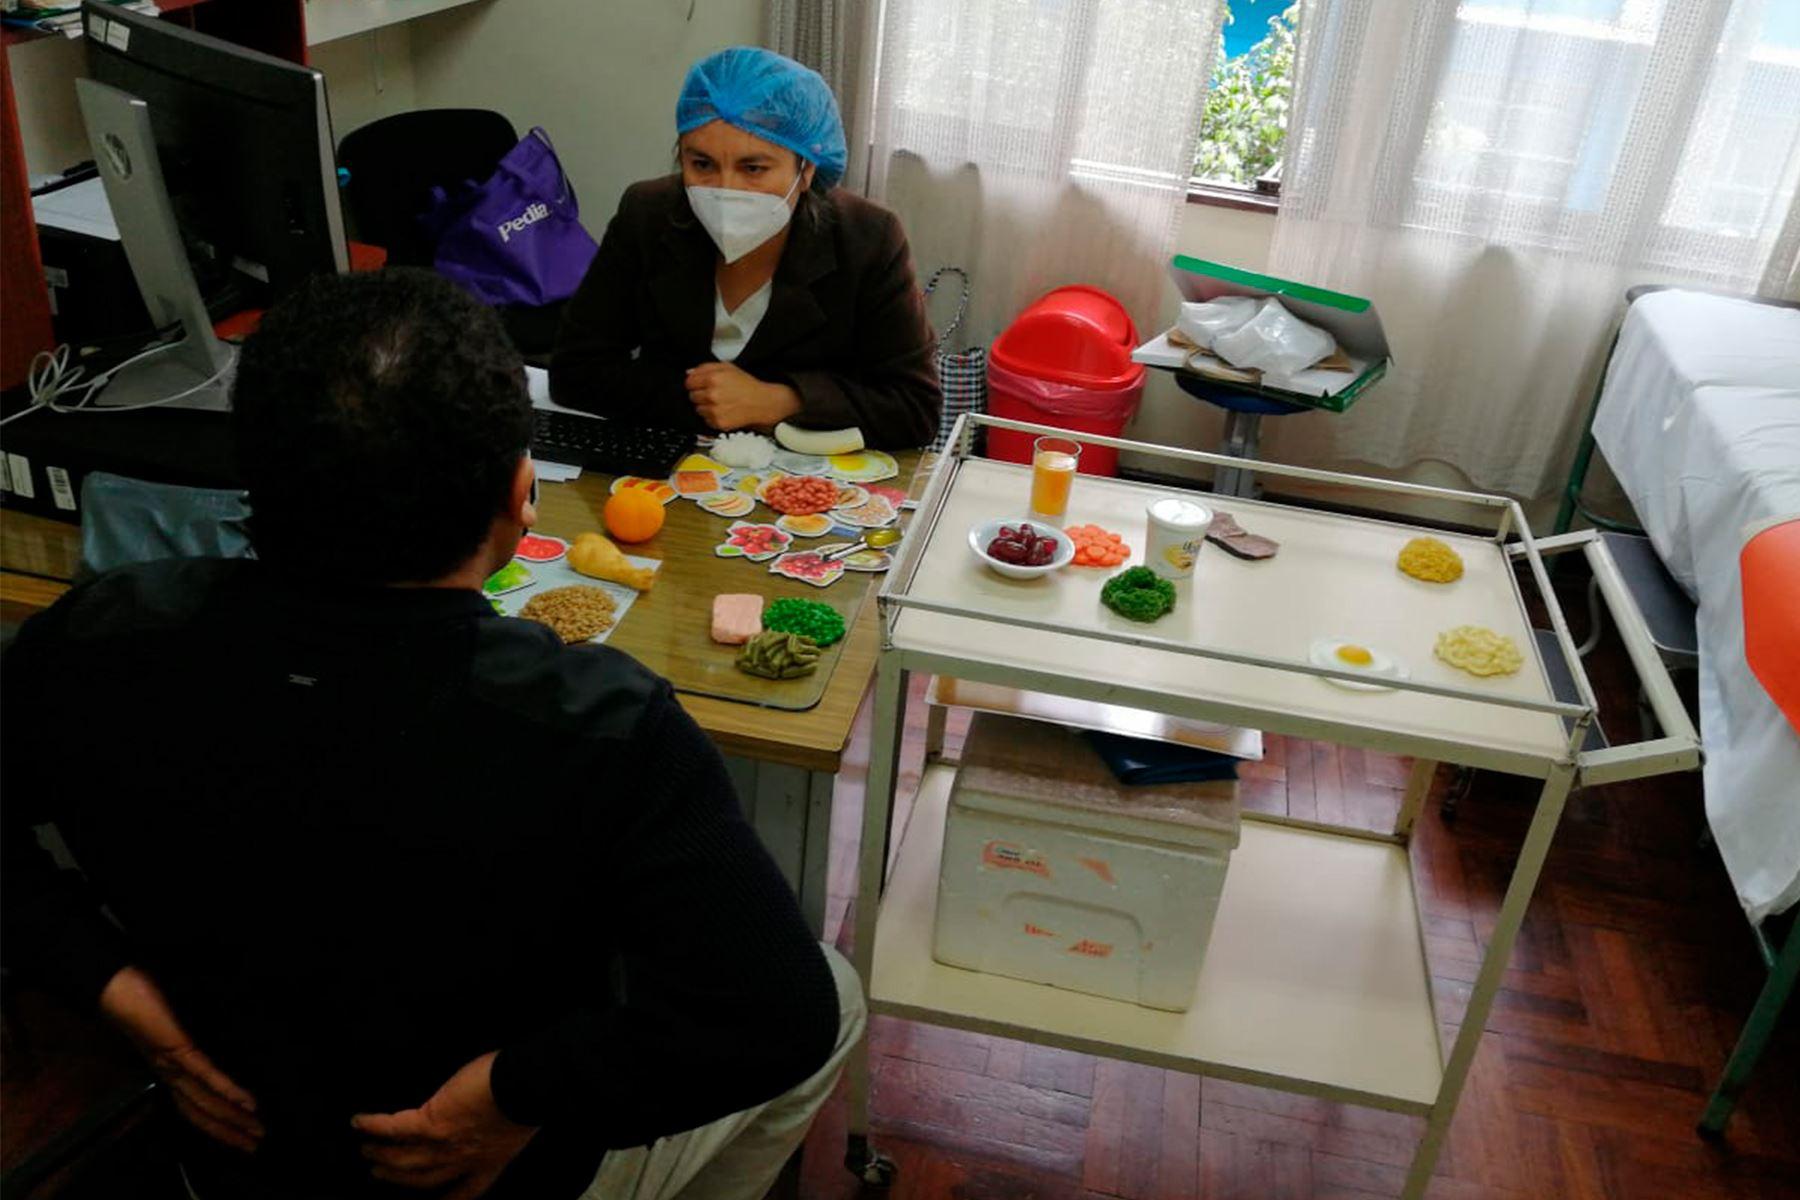 Se necesitan más profesionales de la nutrición para combatir el incremento del sobrepeso y obesidad, la desnutrición infantil y la anemia en el país. Foto: ANDINA/Difusión